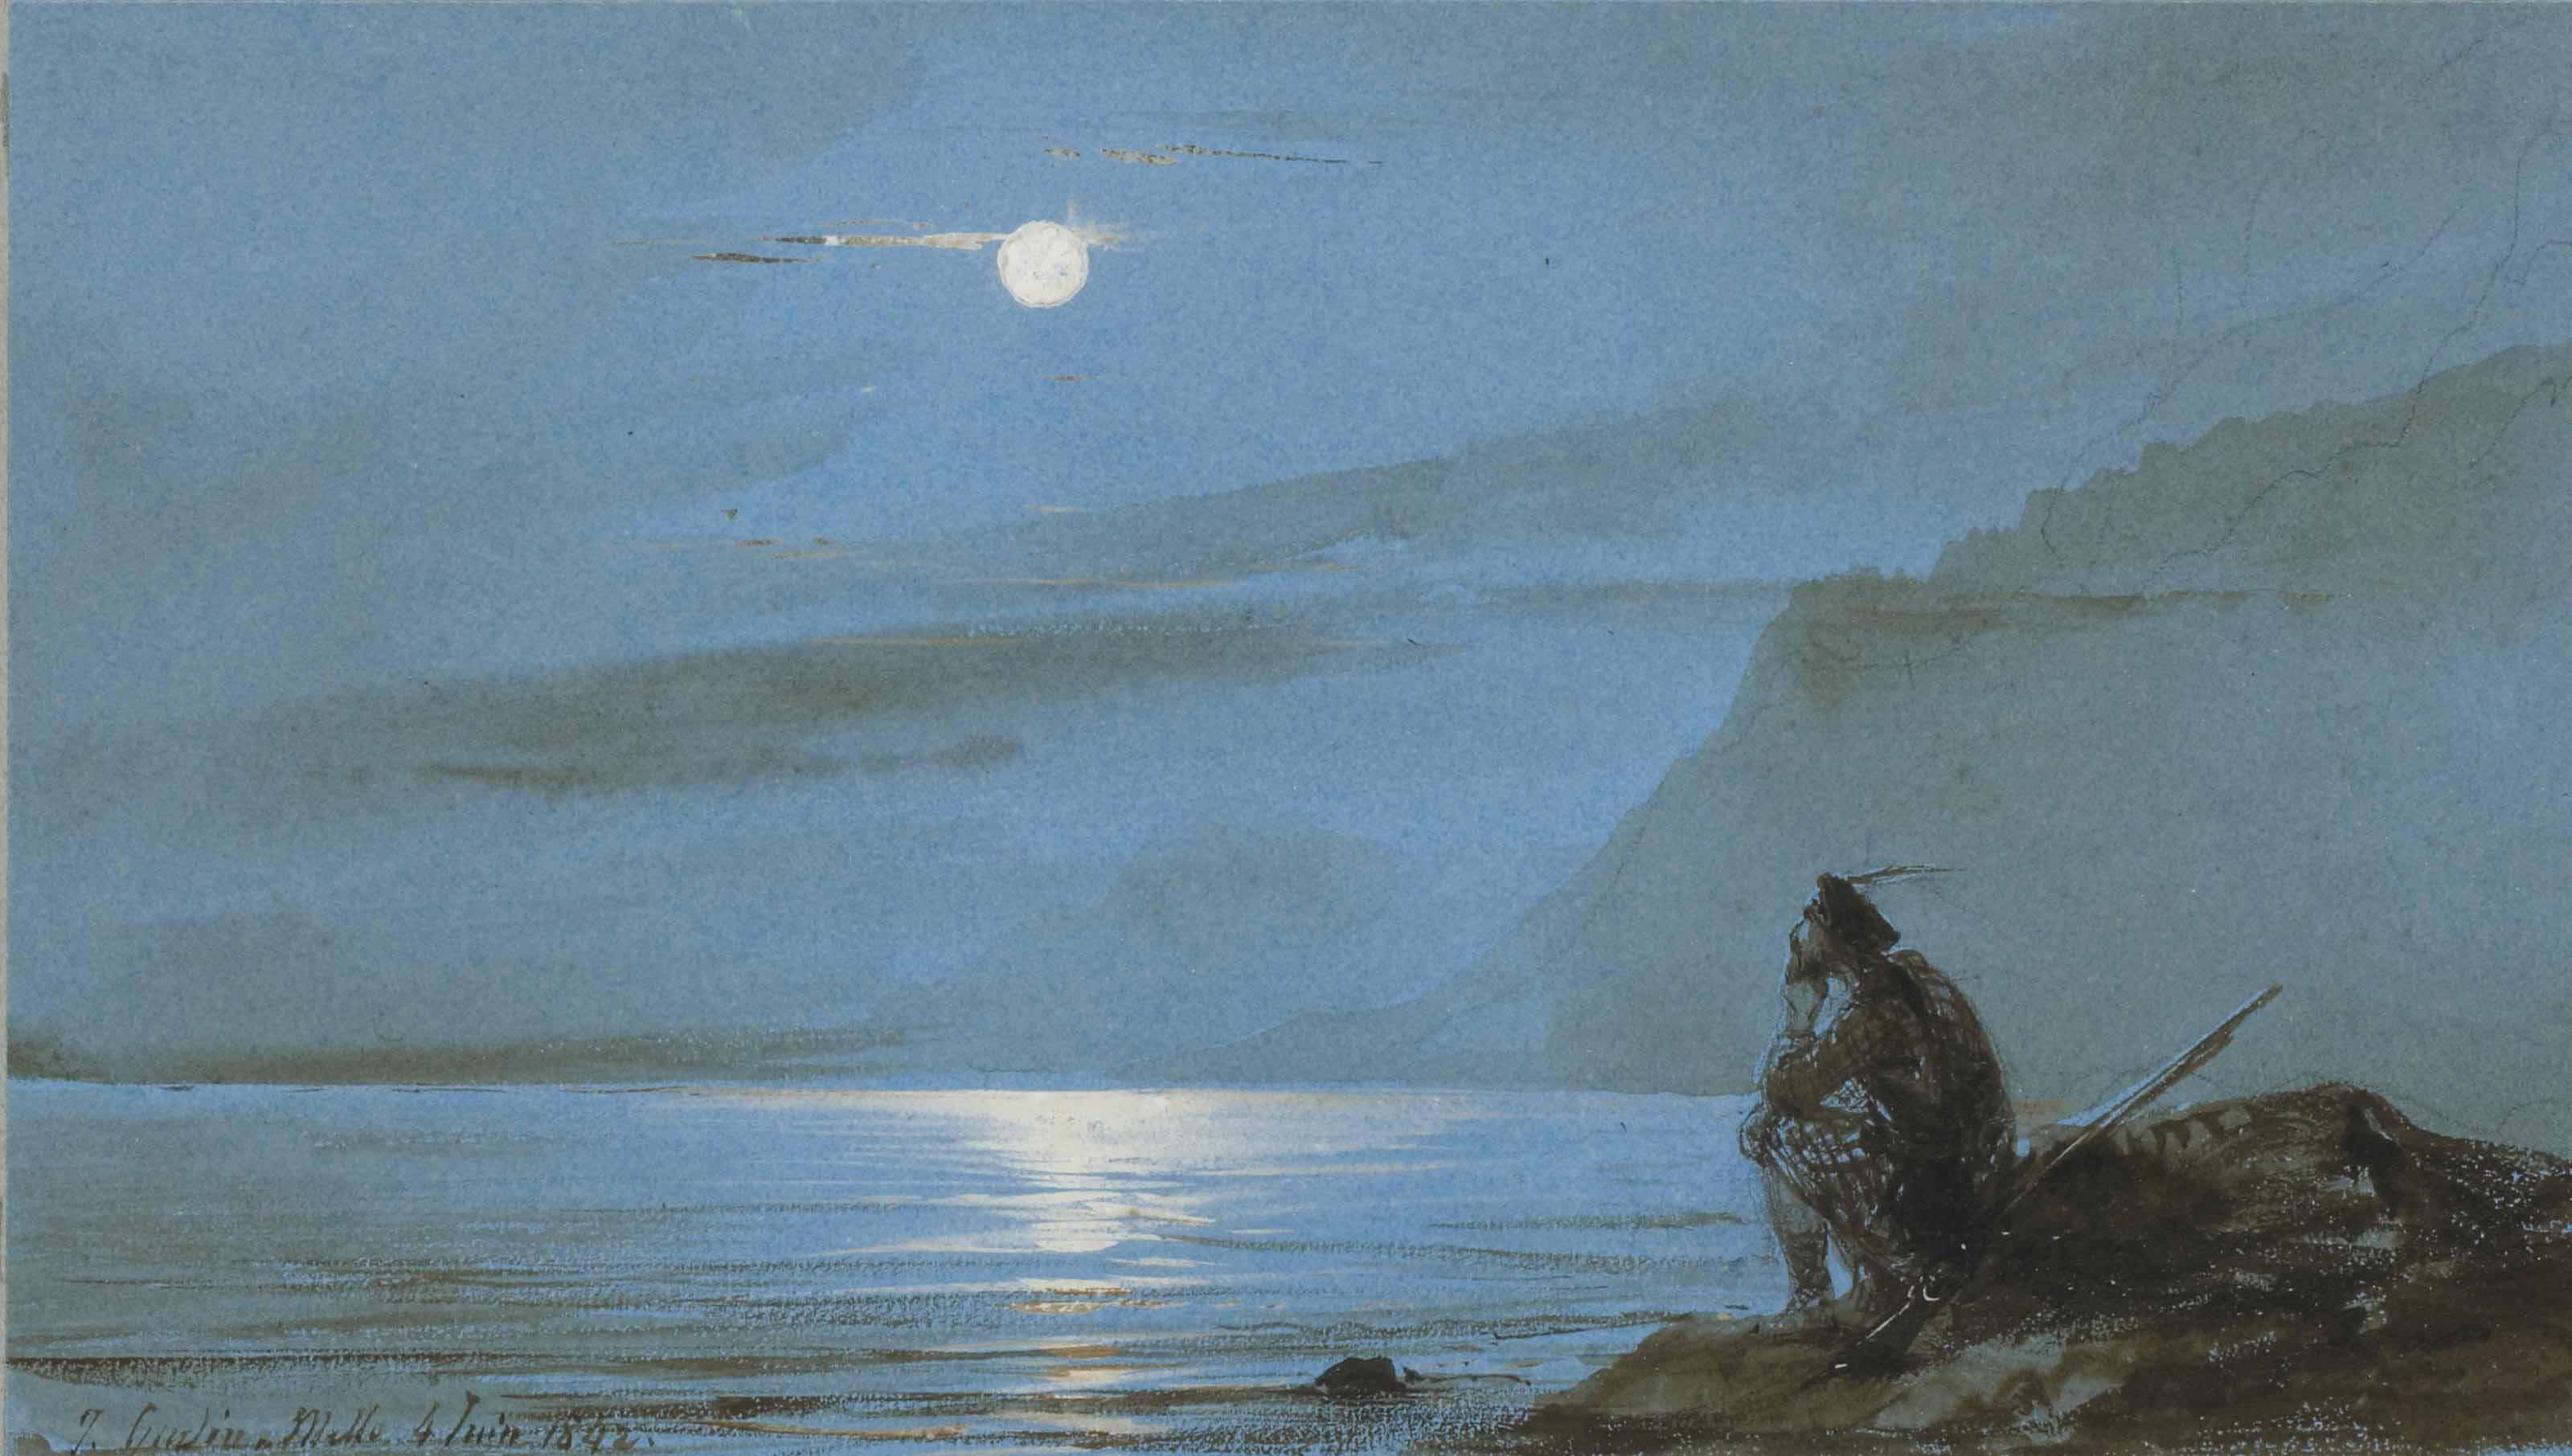 Soldat écossais méditant au bord de l'eau au clair de lune